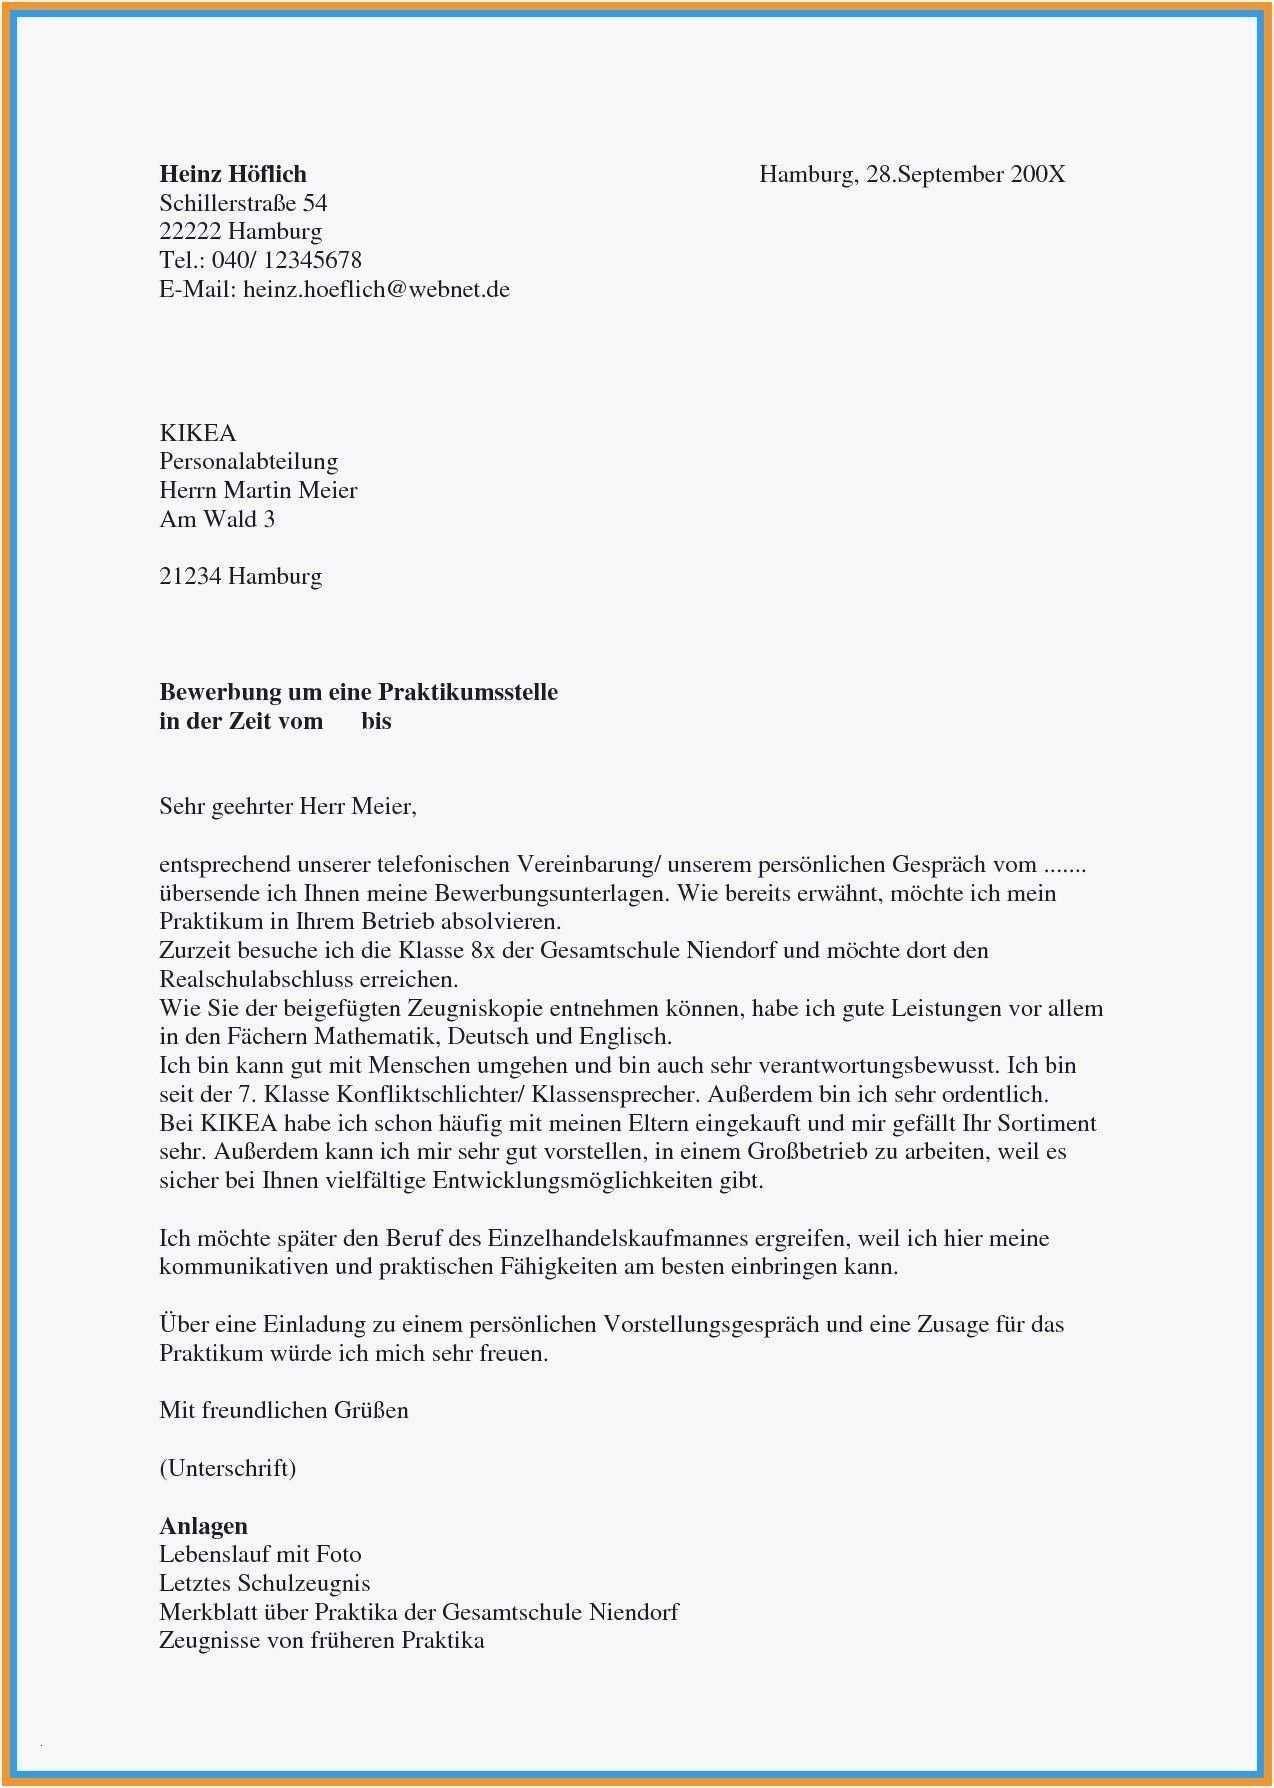 Frisch Lebenslauf Informatiker Muster Briefprobe Briefformat Briefvorlage Lebenslauf Vorlagen Lebenslauf Bewerbung Lebenslauf